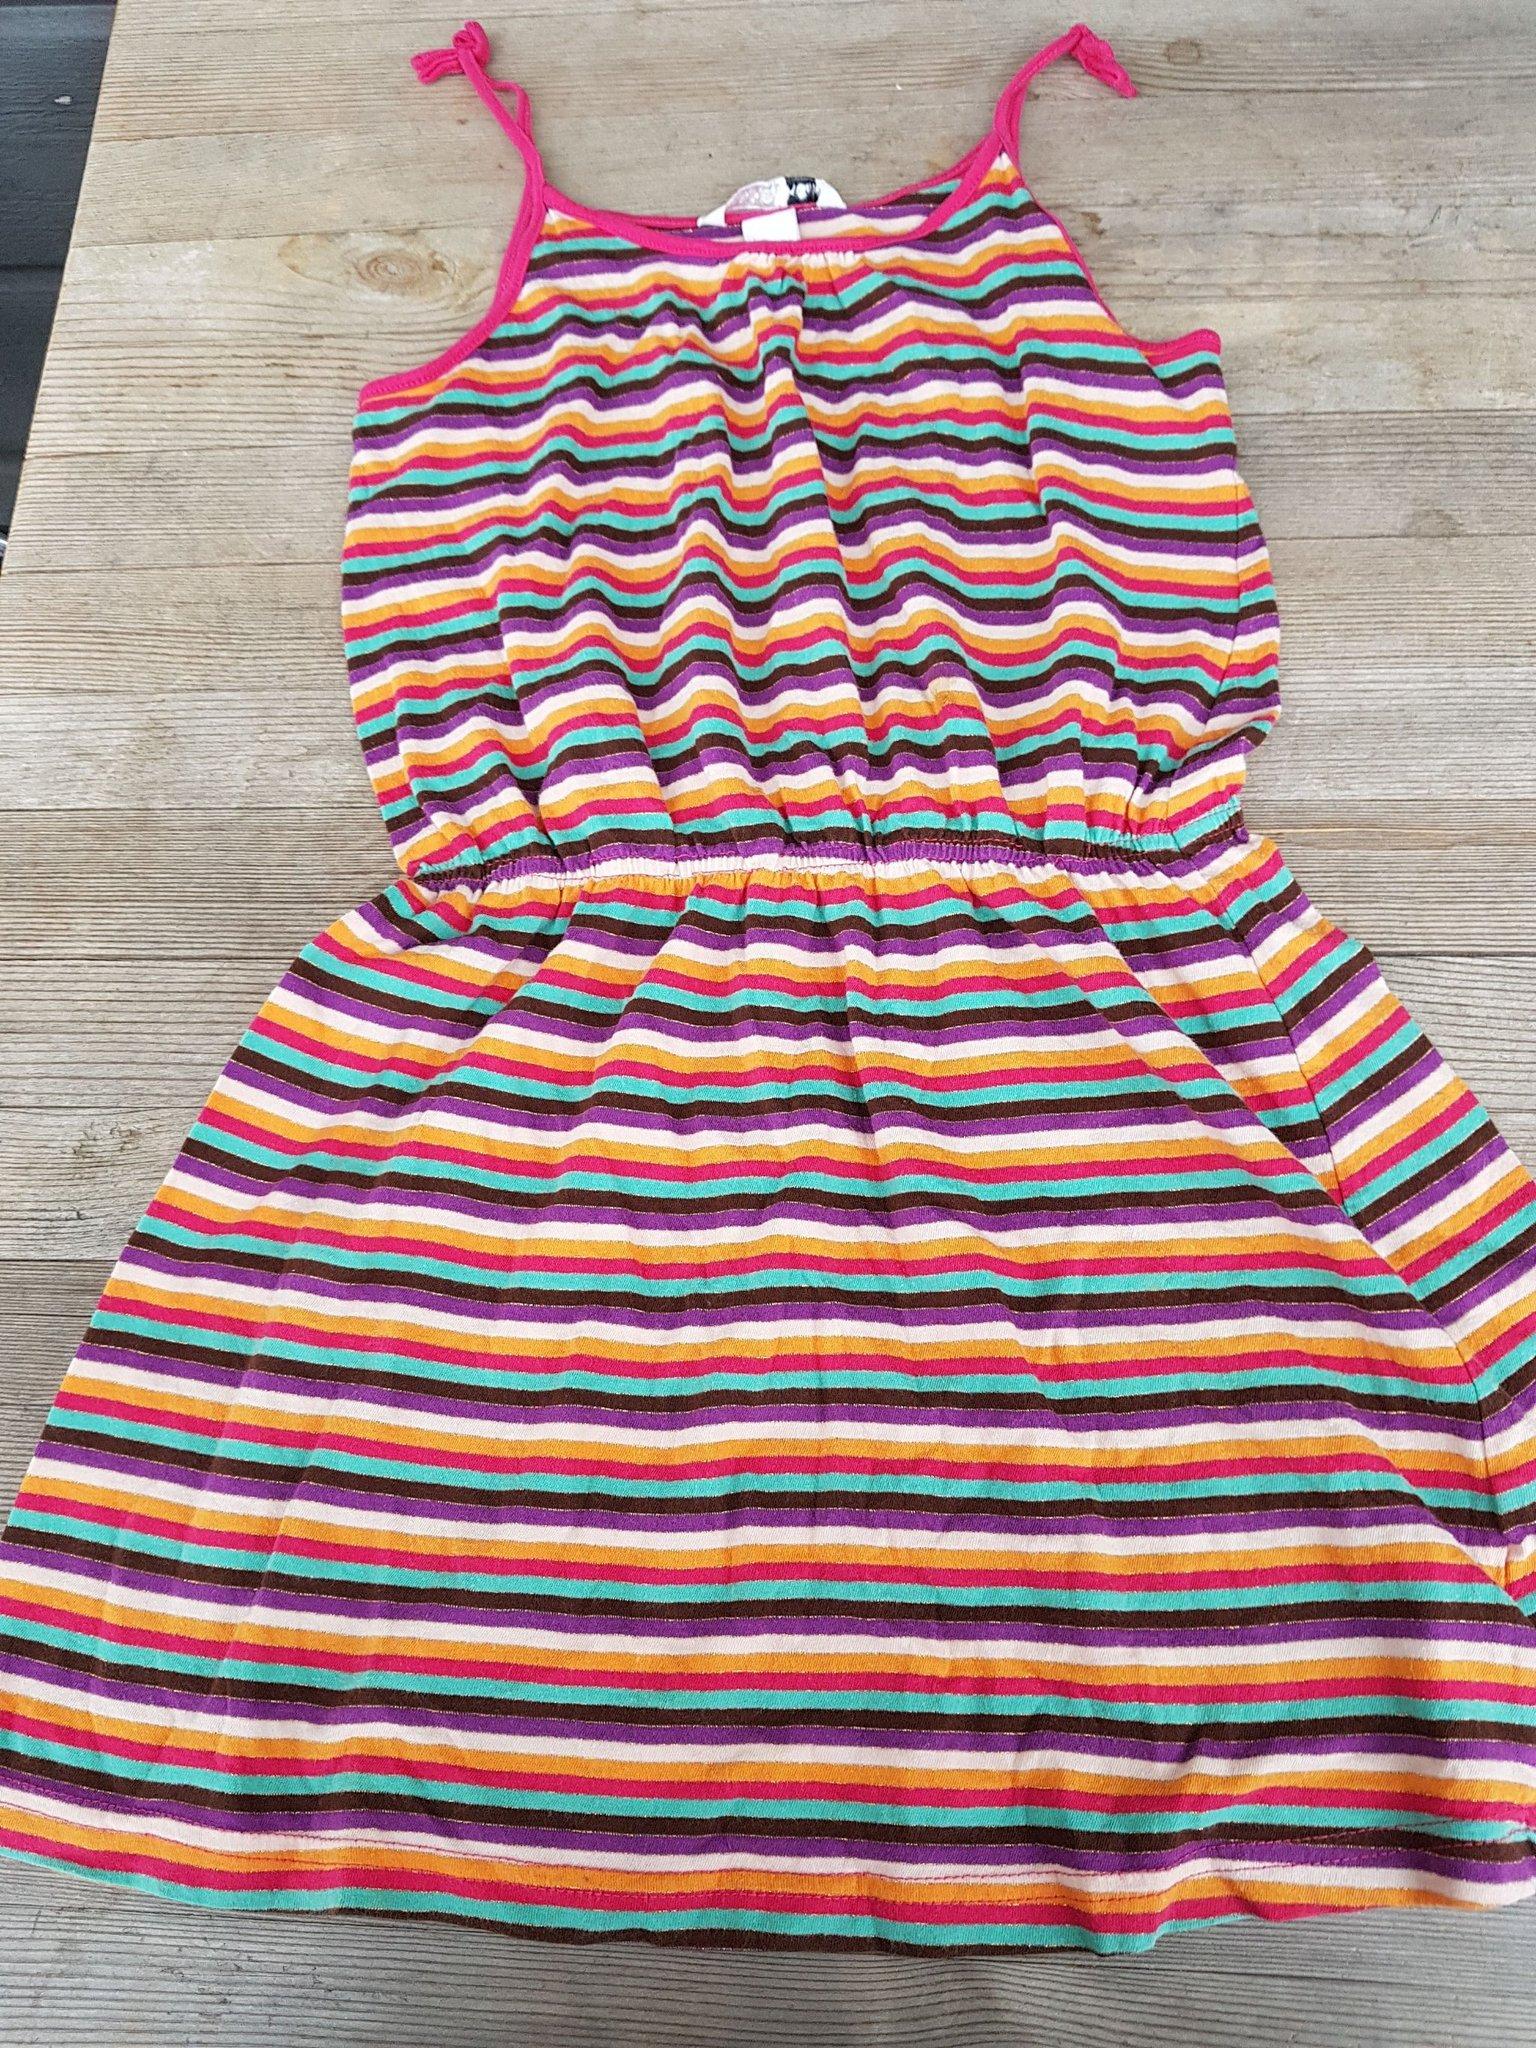 b33aeccb73cf Barn klänning (354074260) ᐈ Köp på Tradera